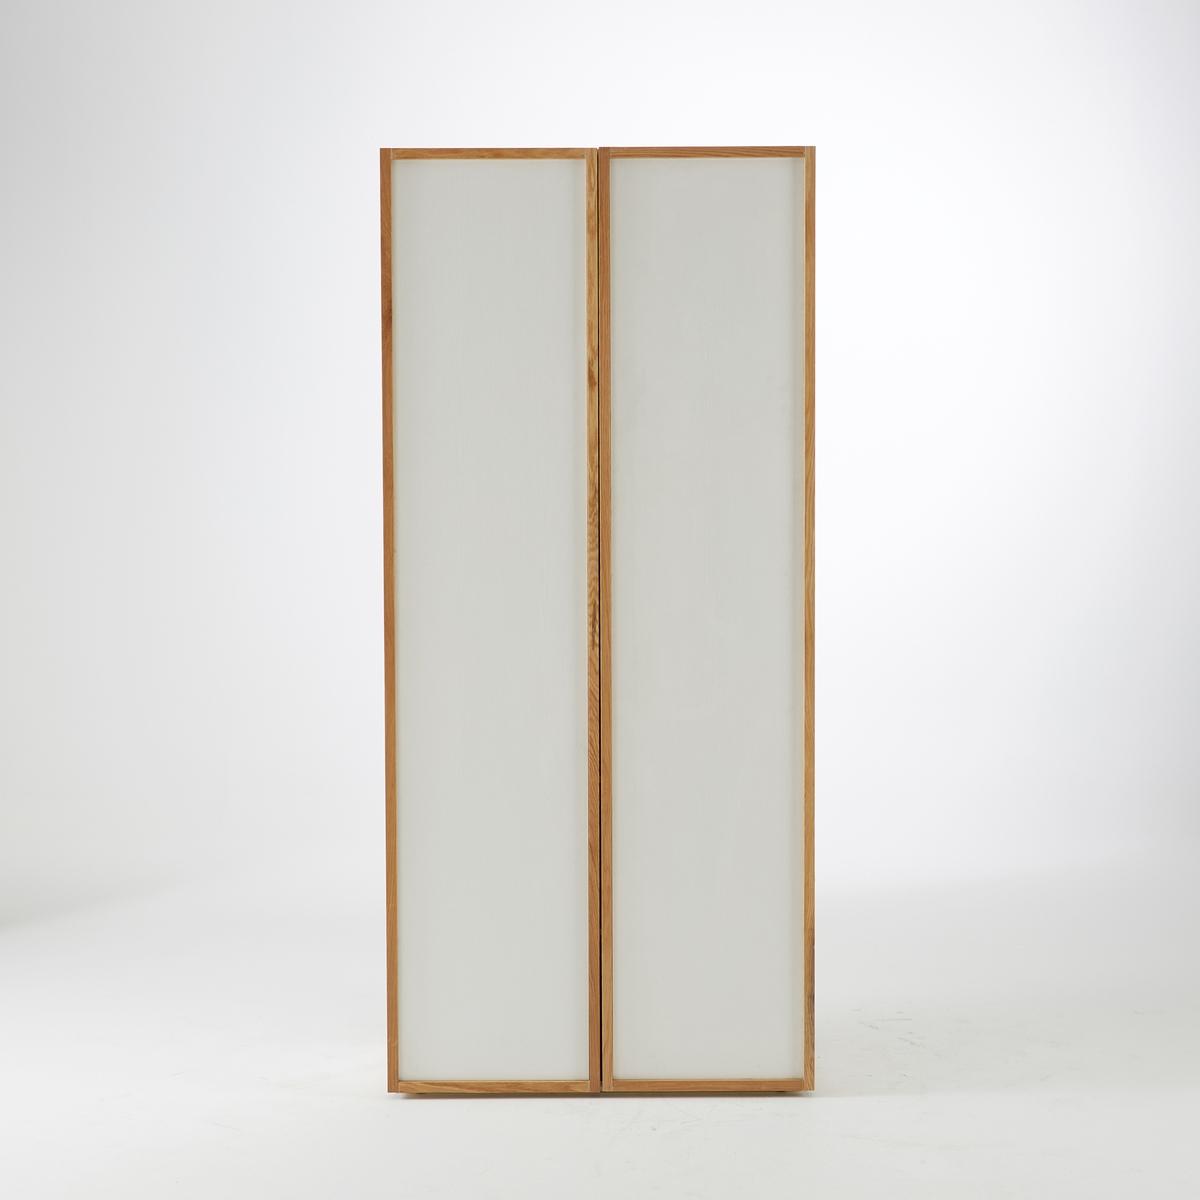 2-дверный шкаф с 5 полками из массива дуба, Compo